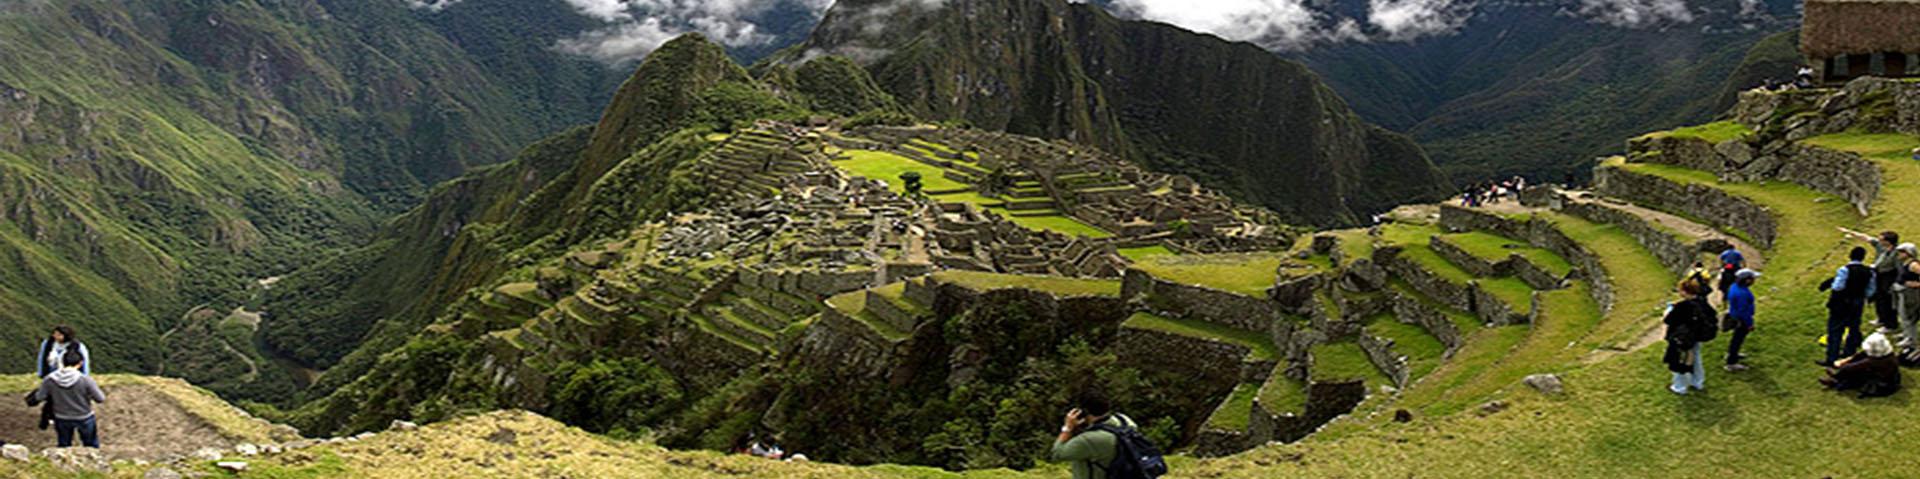 machu picchu qori inka travel agency peru 1